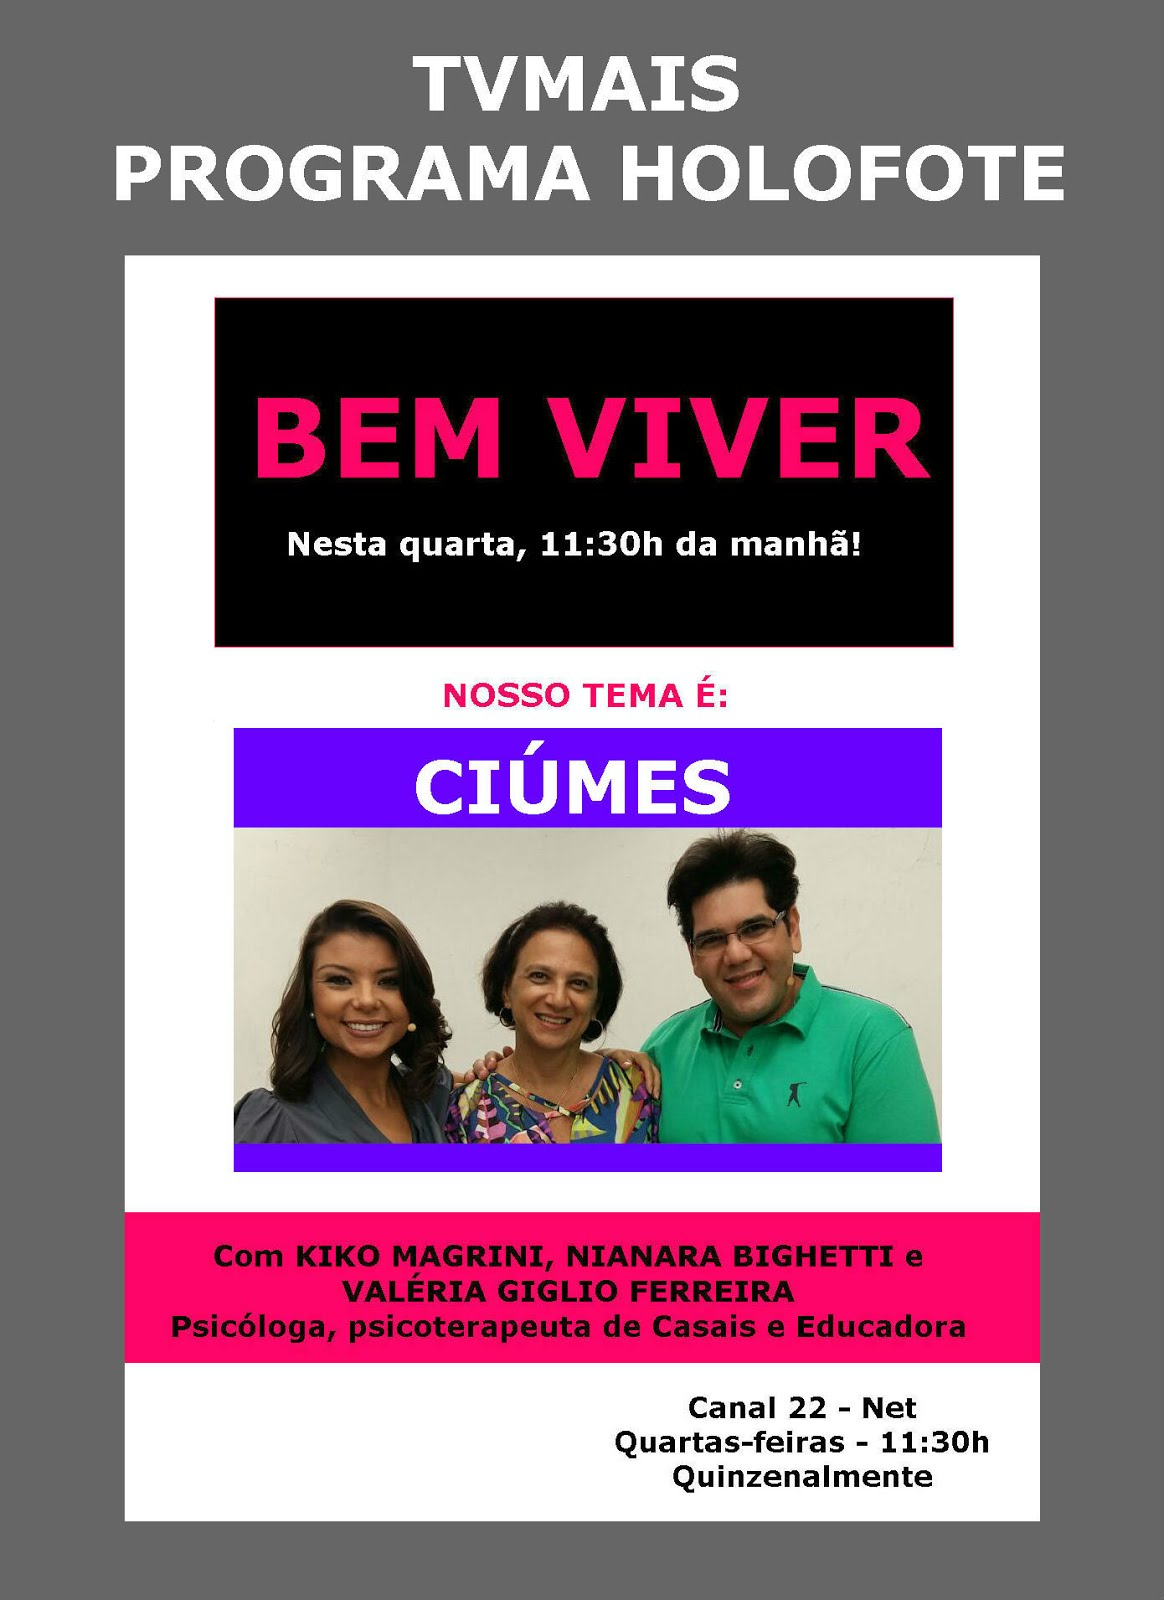 BEM VIVER - TVMAIS - PROGRAMA HOLOFOTE